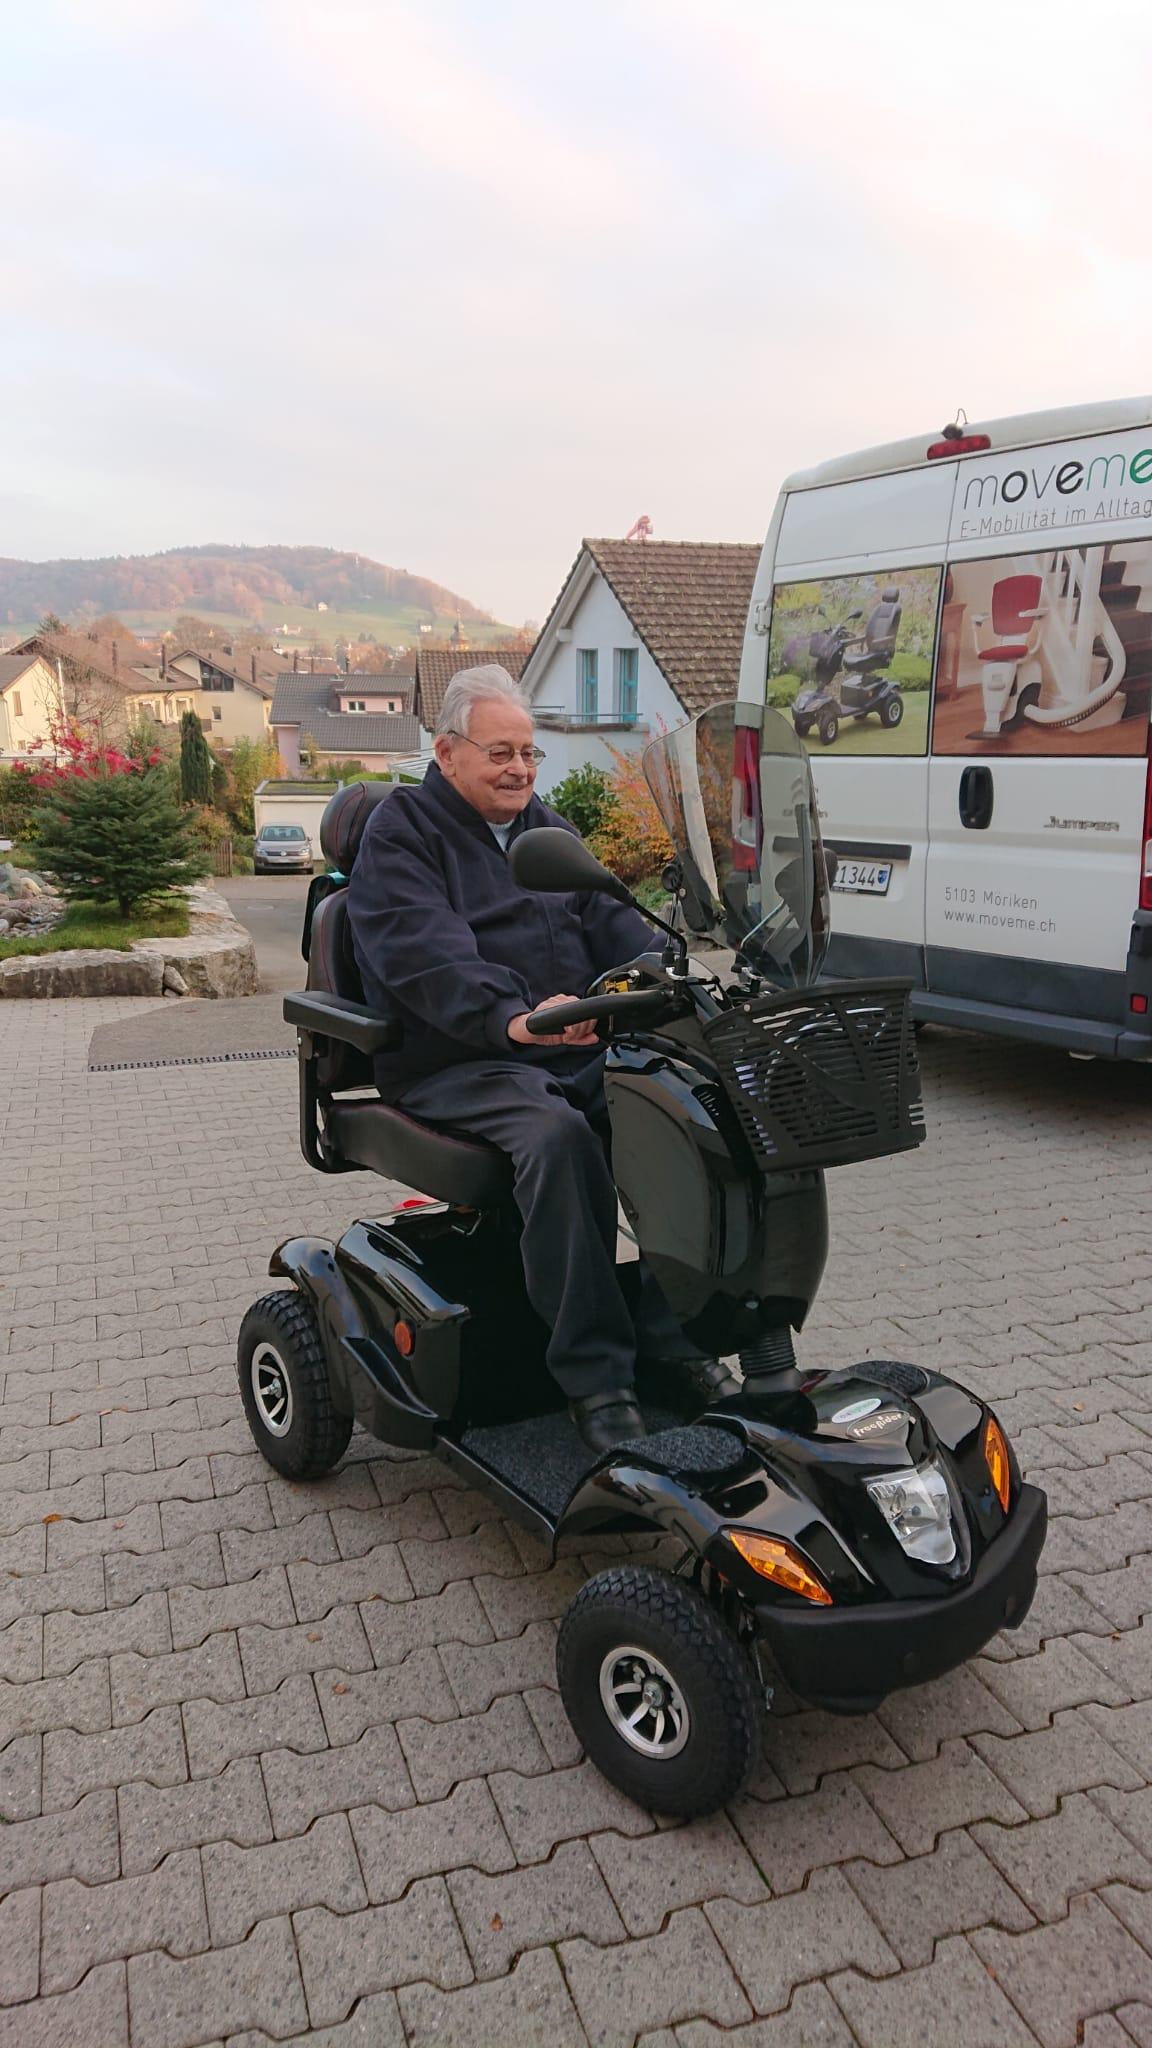 Seniorenmobil move Highlander - das geländetaugliche Elektromobil